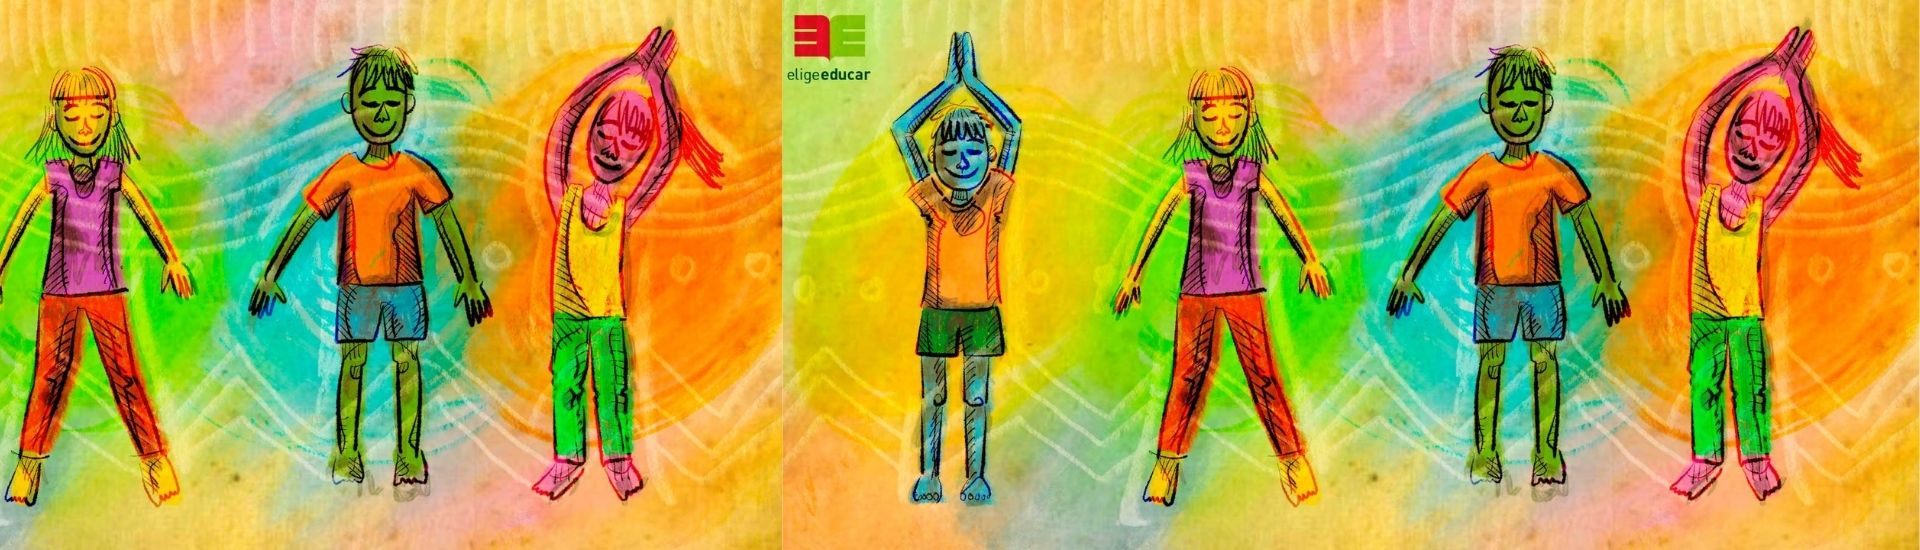 Ilustración ejercicios de yoga